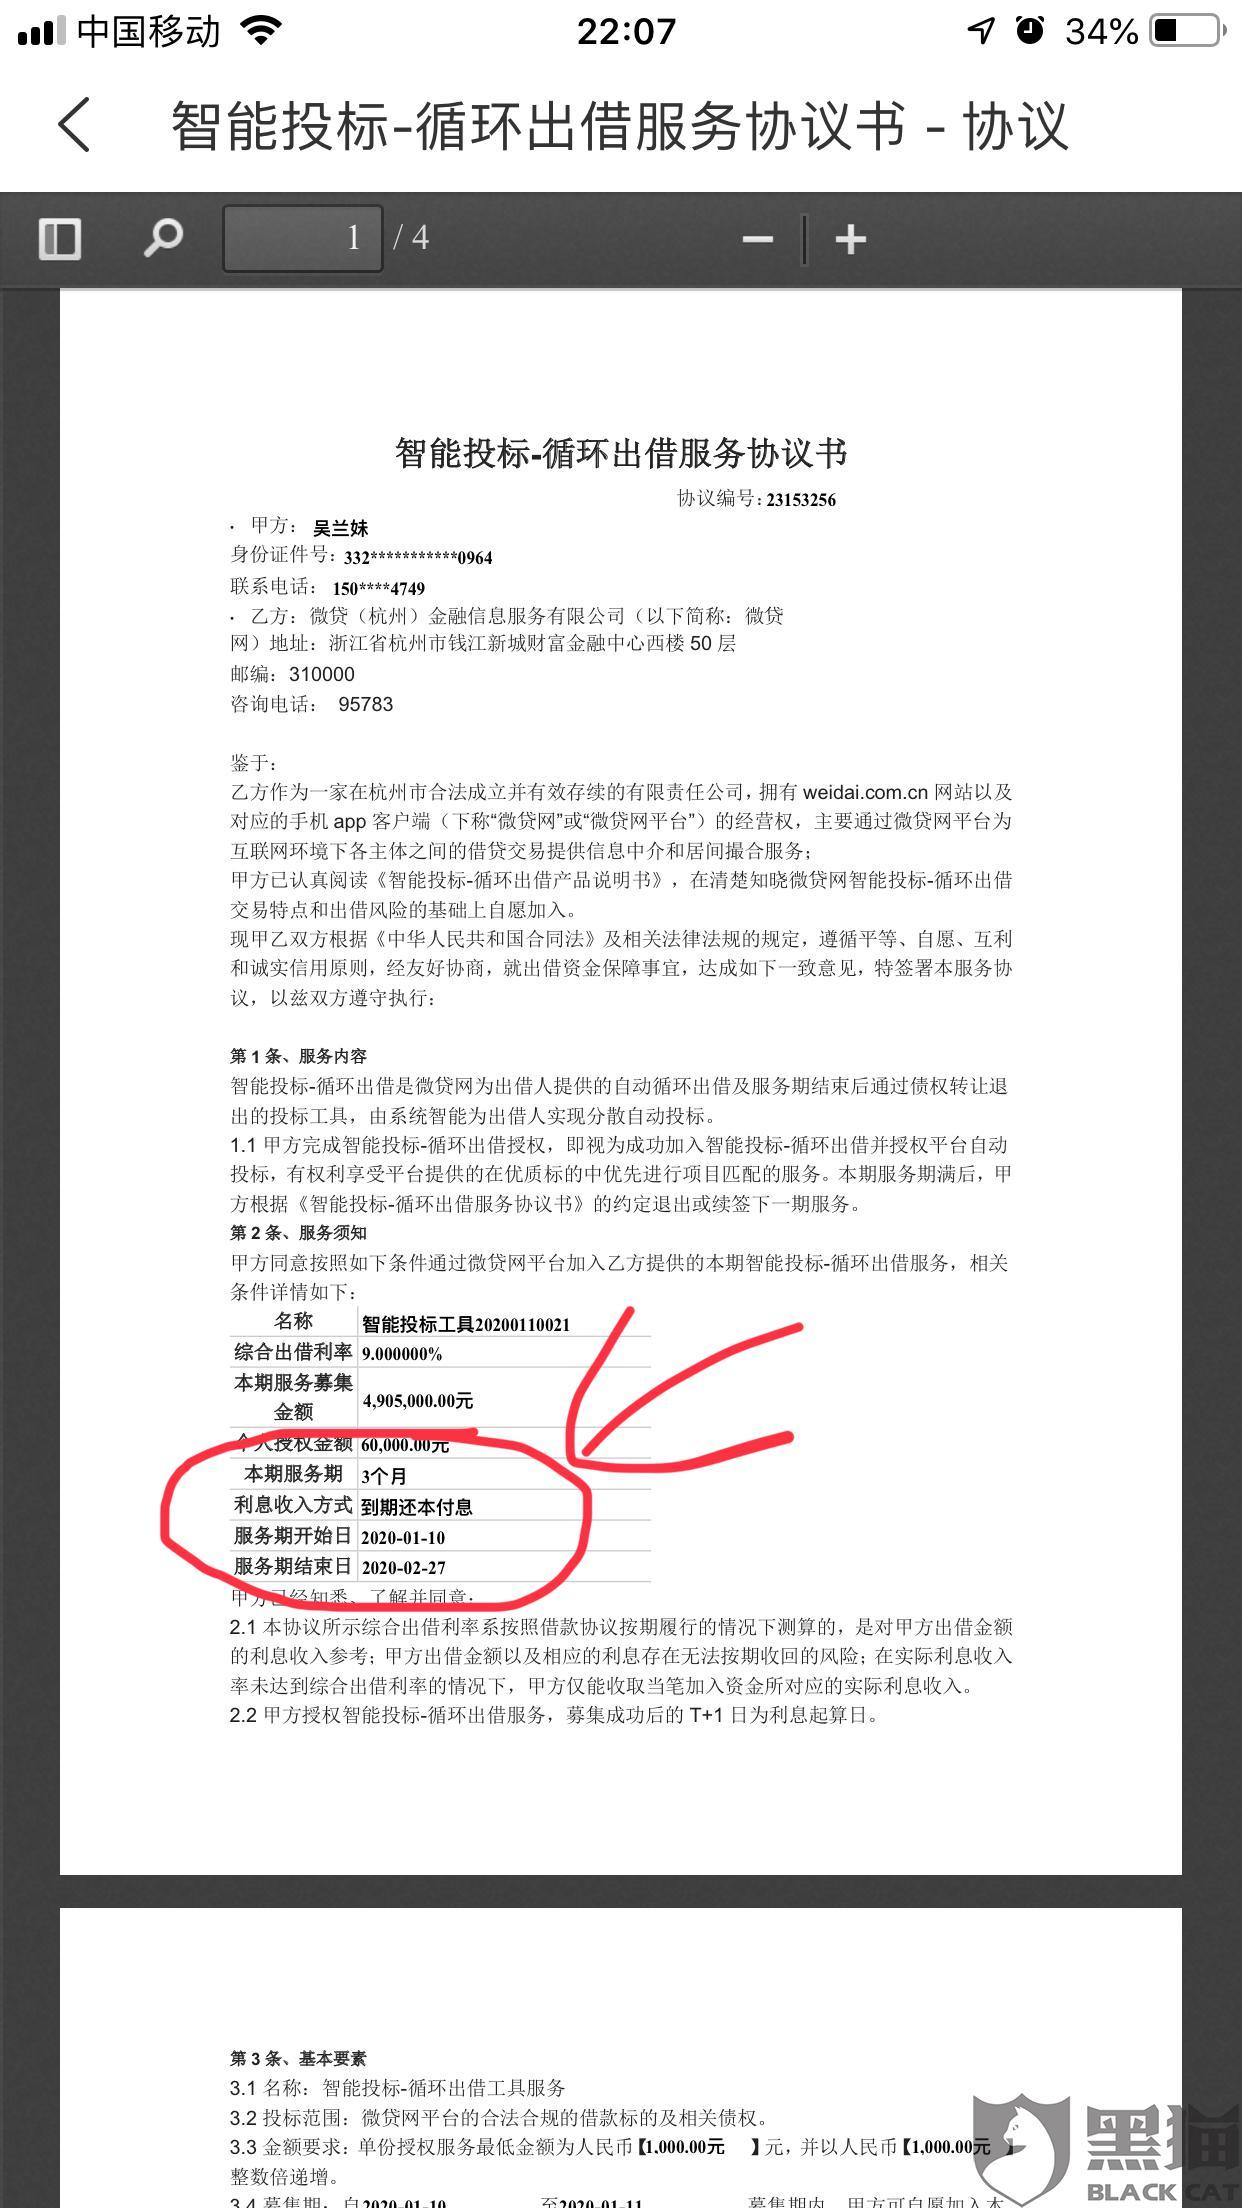 黑猫投诉:关于微贷(杭州)金融信息服务有限公司按期没有返回本金延长至三年并且不兑付利息